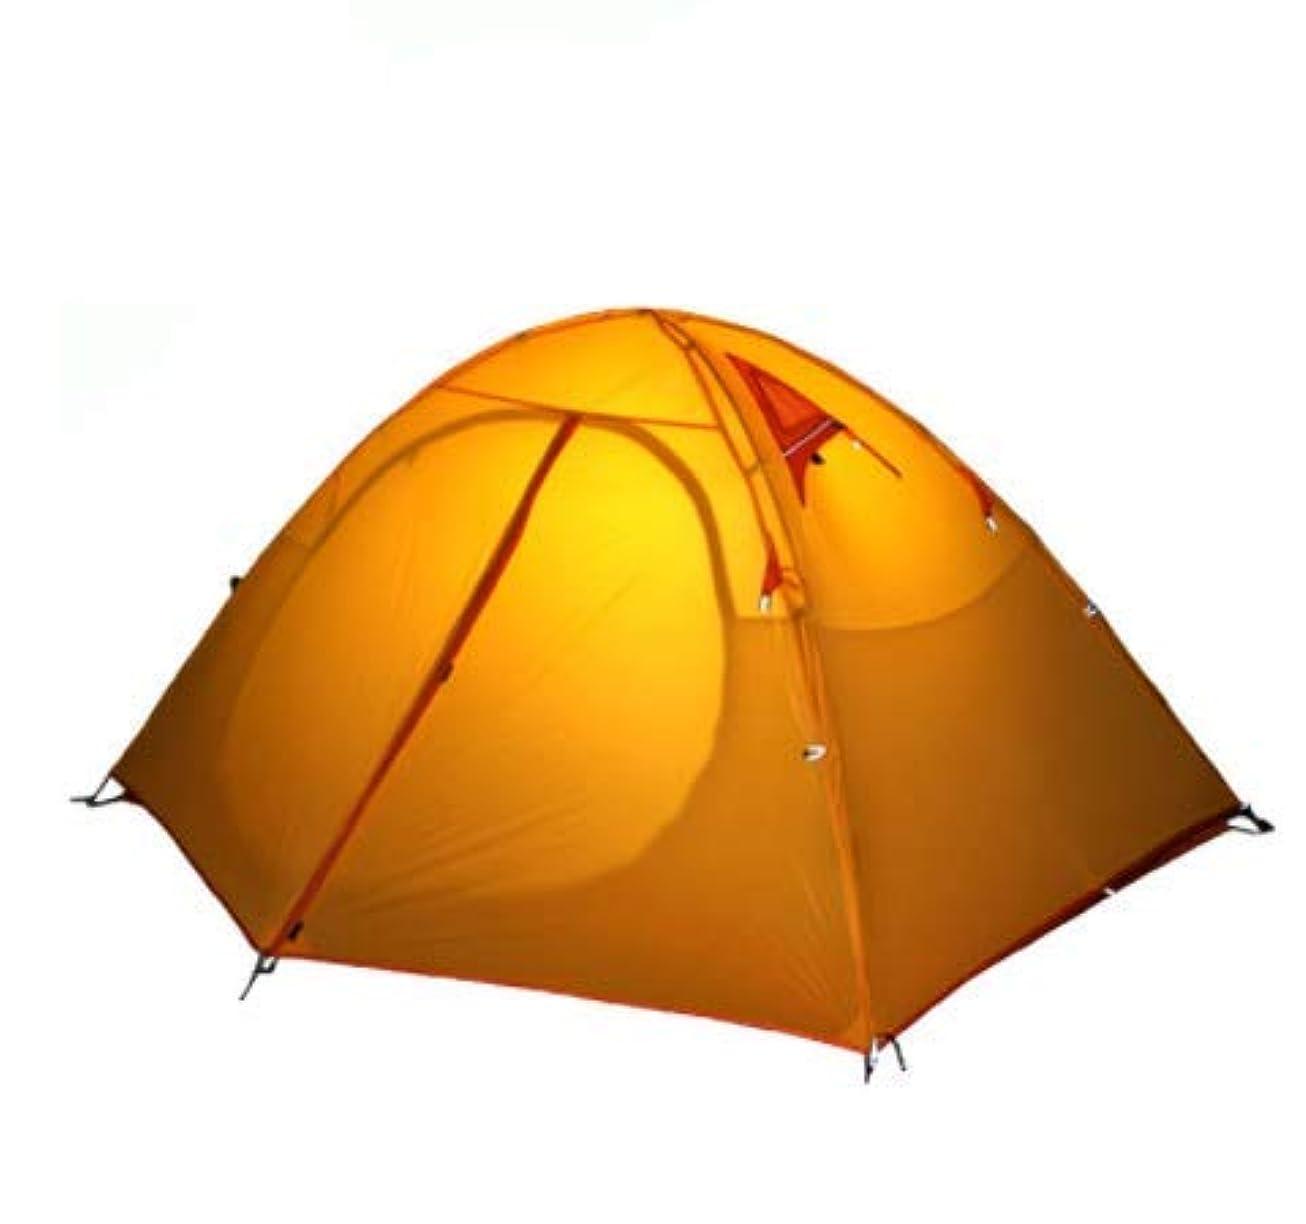 作家名前不格好Hkkint 超軽量ダブルデッキ屋外キャンプテント耐候性防水日焼け止めコーティングシリコーンオックスフォード簡単にインストールビーチ/クライミング/キャンプ/ピクニック